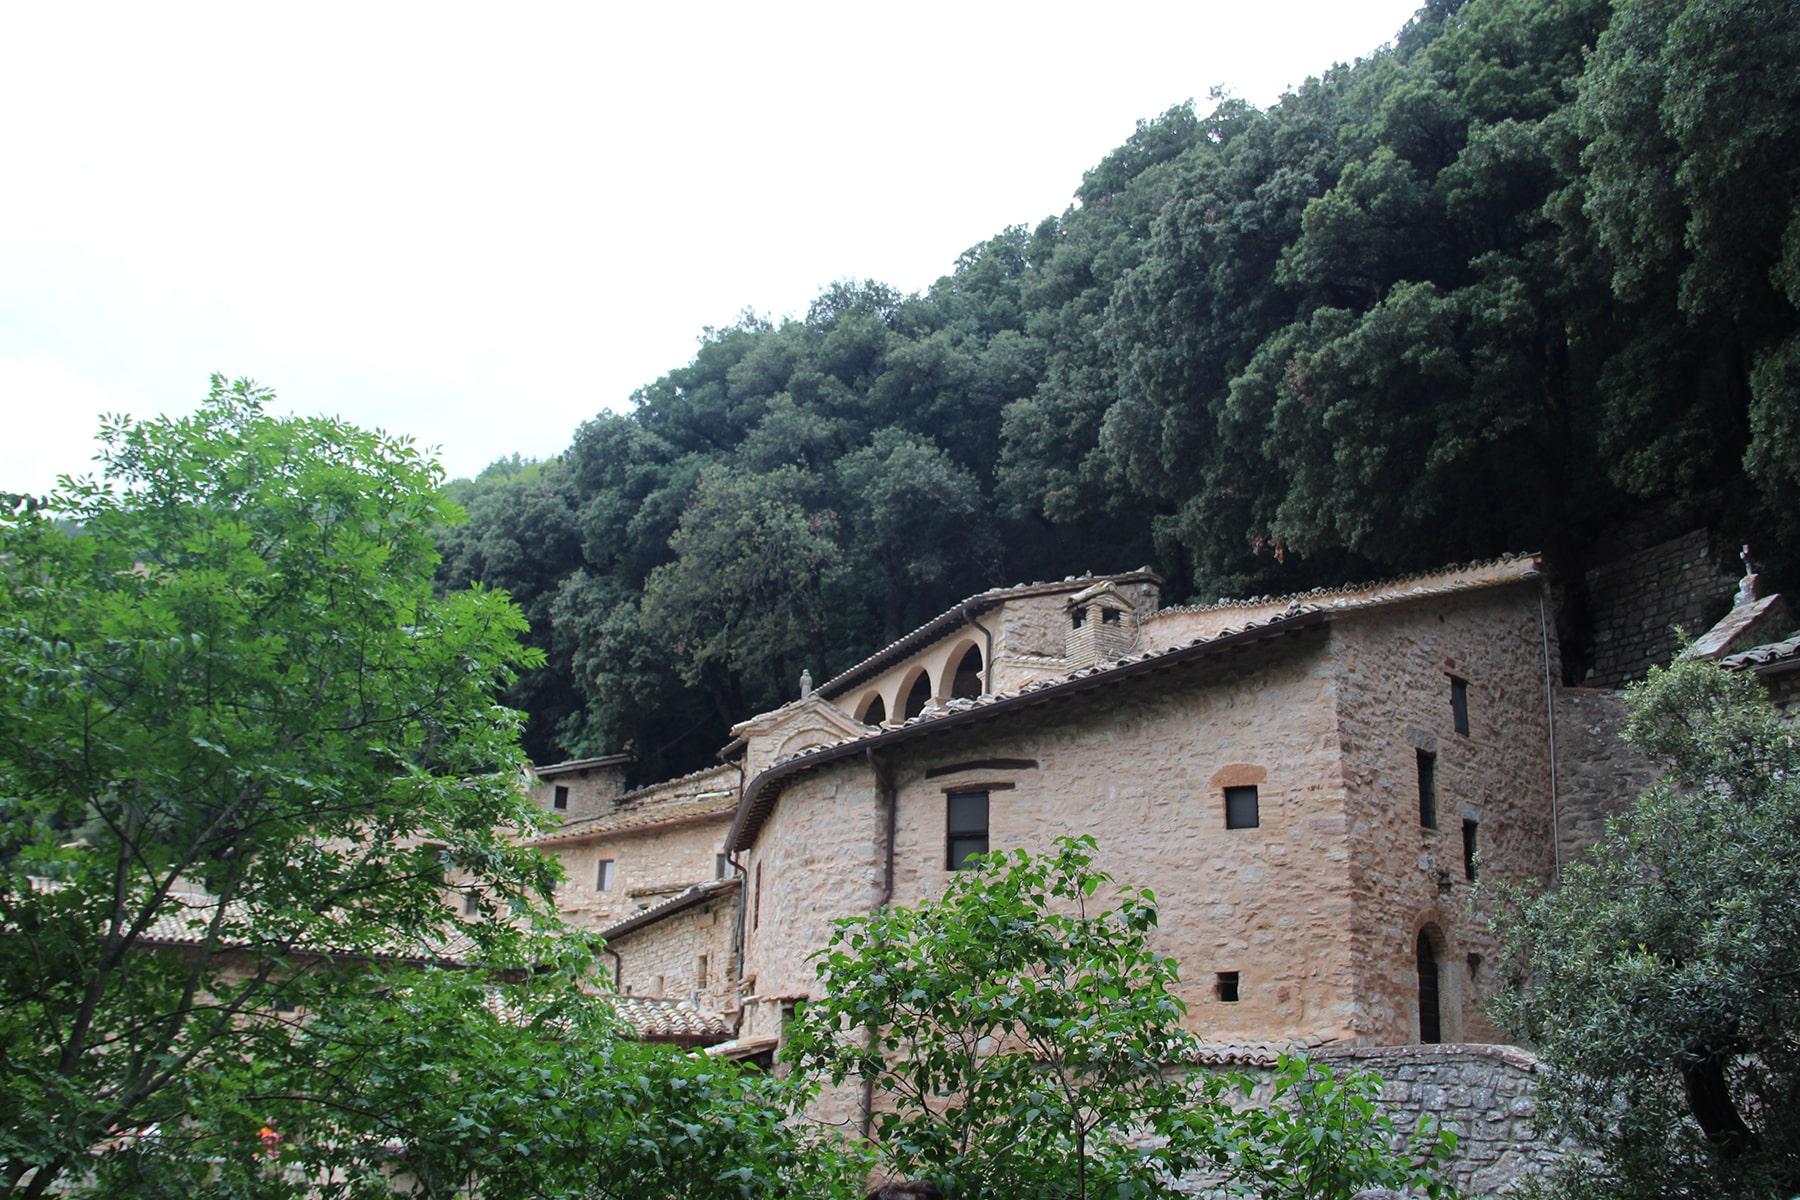 Eremo delle carceri hermitage Assisi